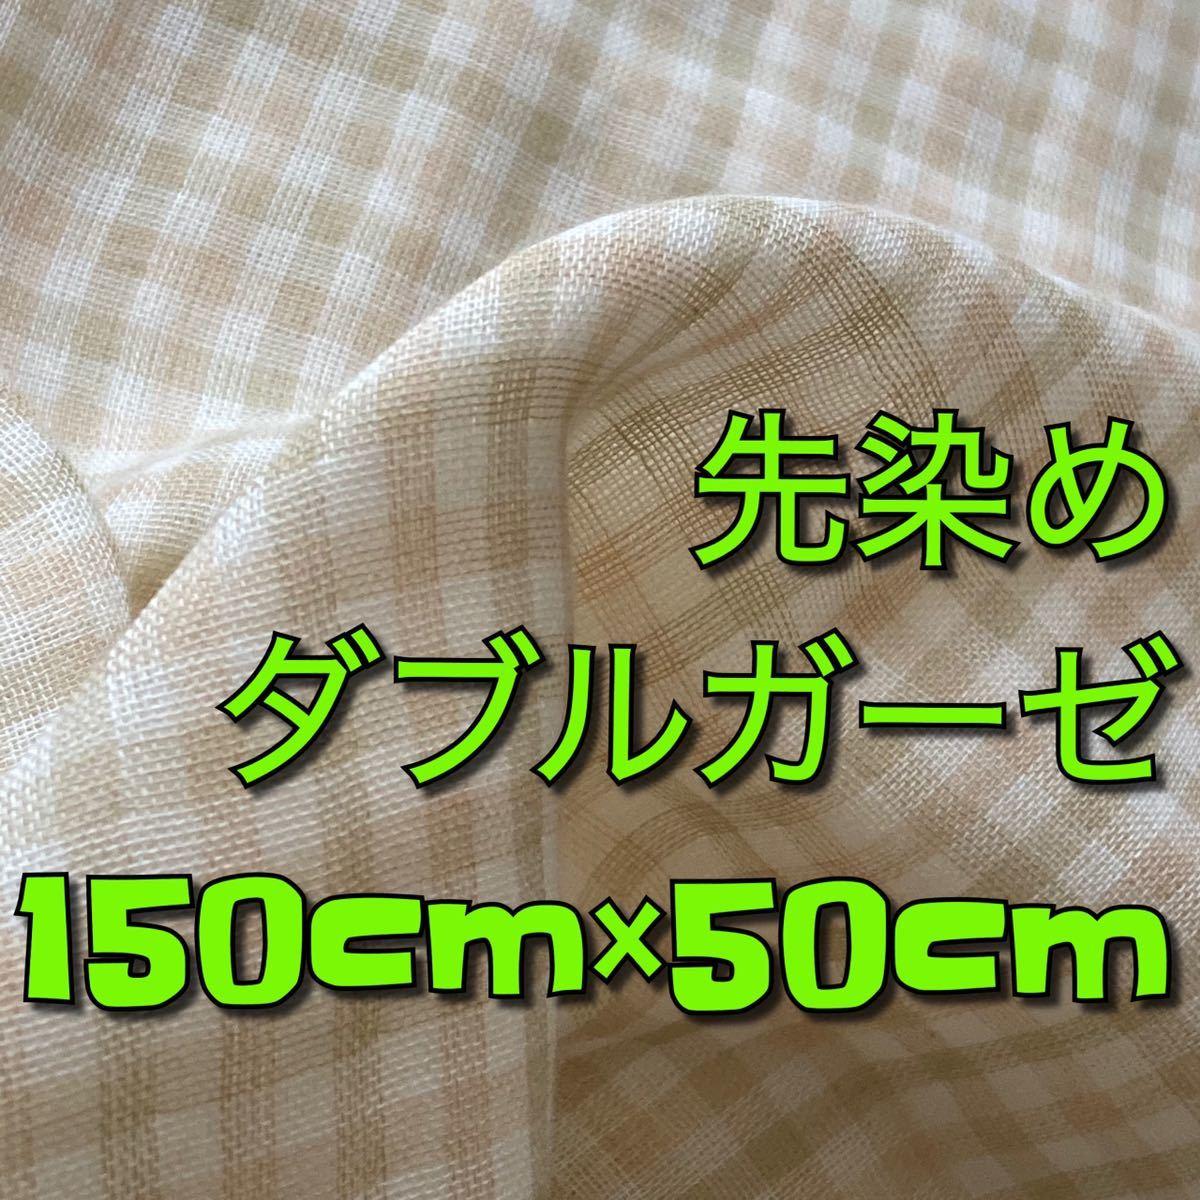 先染めダブルガーゼ150cm×50cmチェック